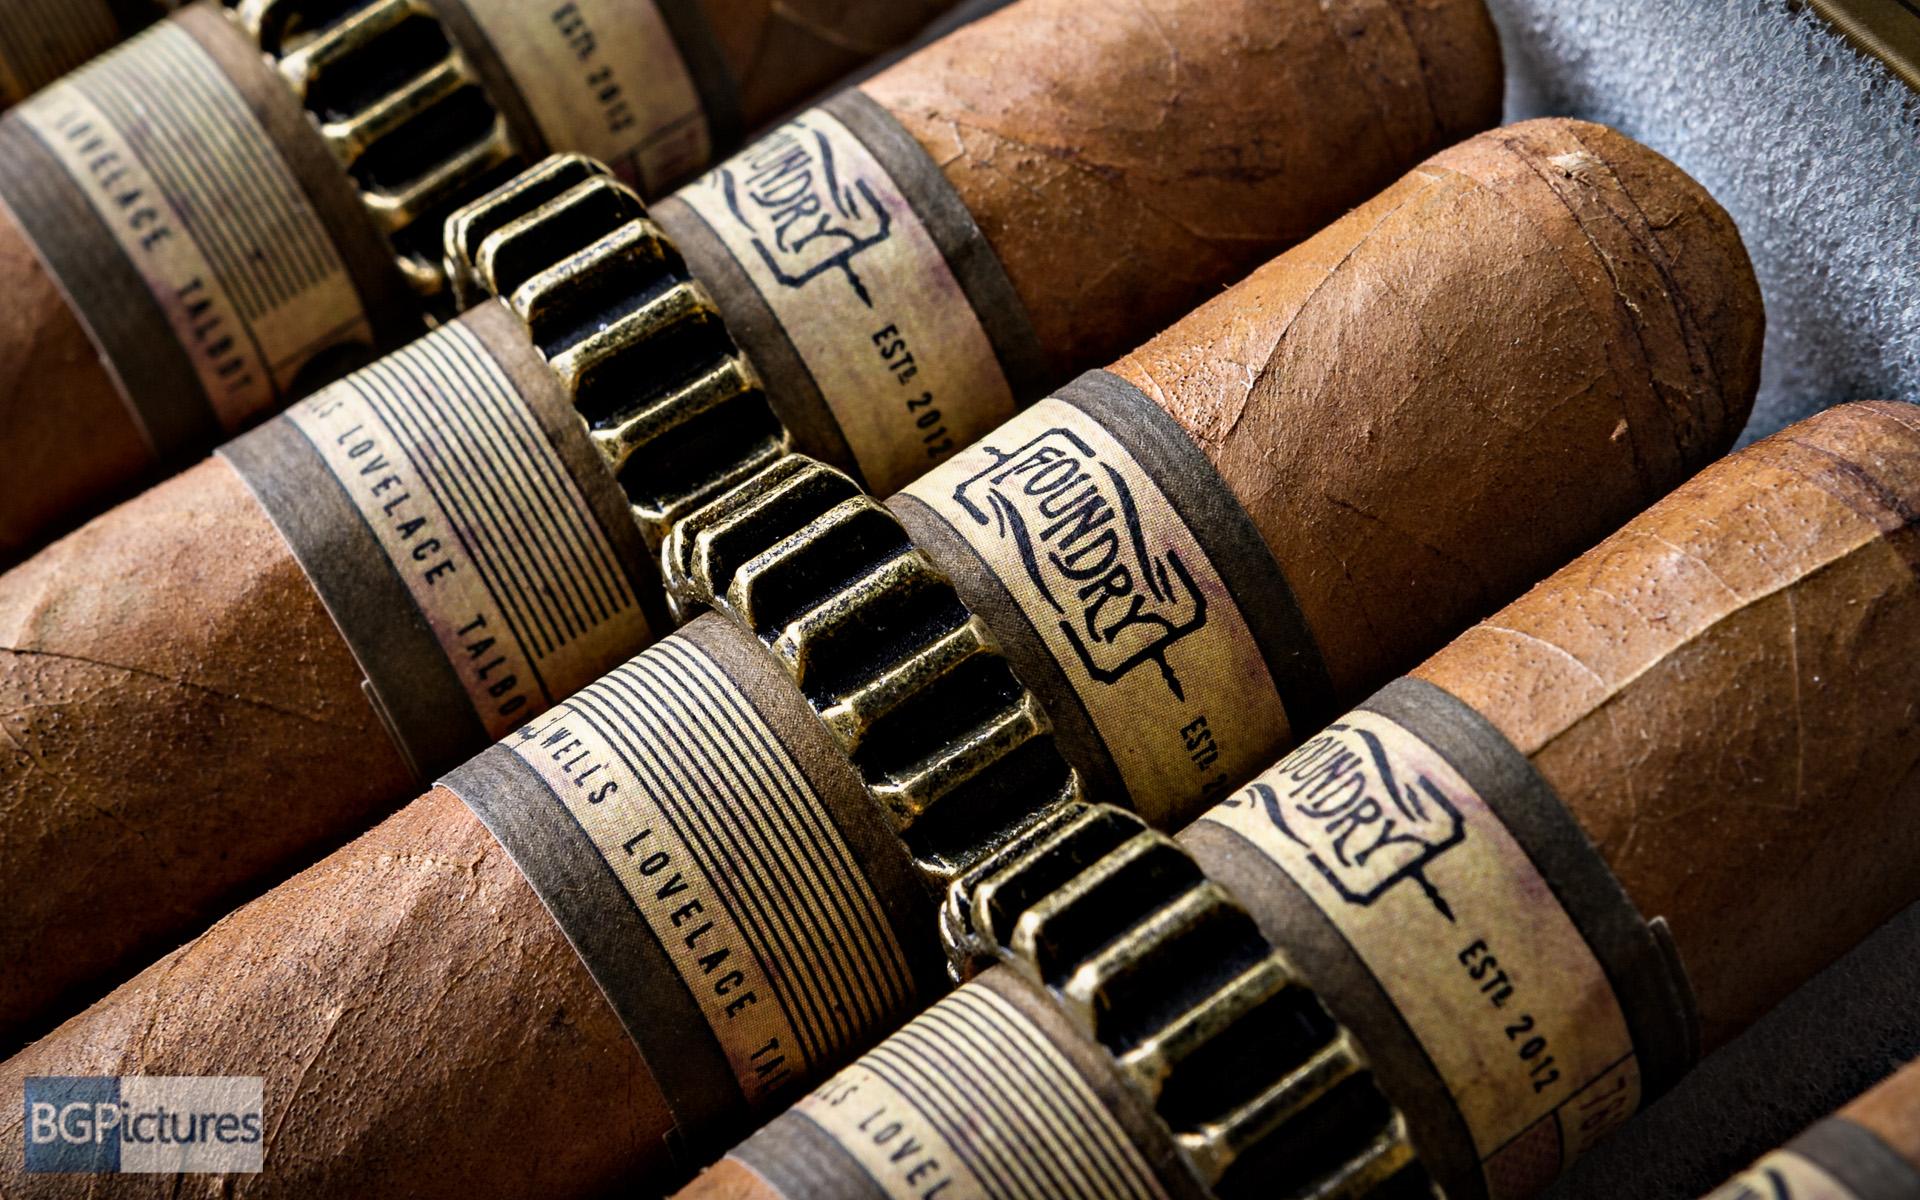 Free Foundry Cigar Art Wallpaper